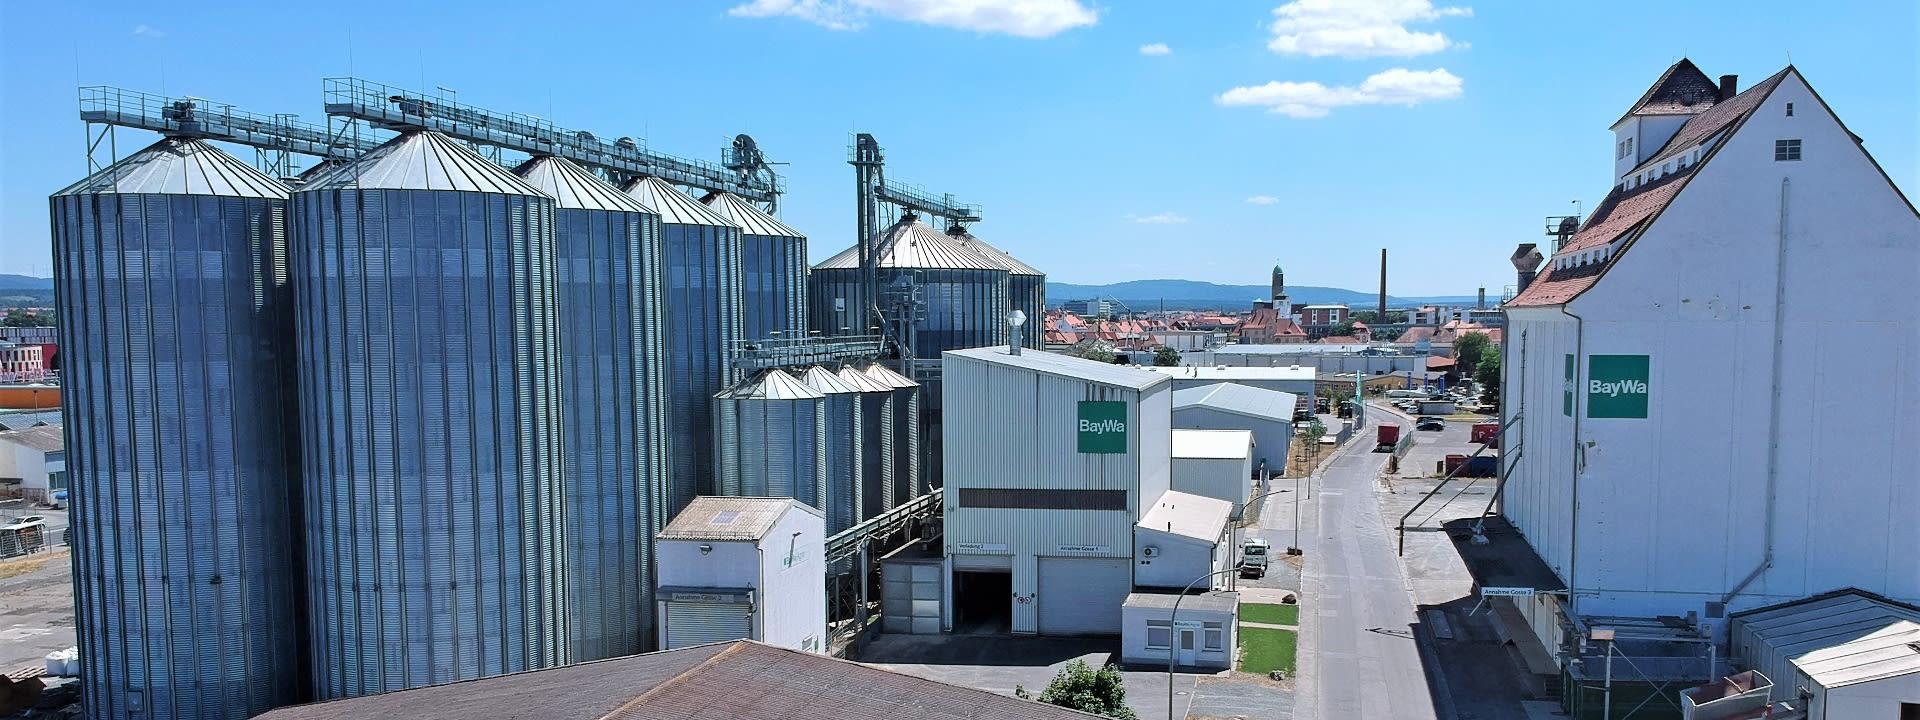 BayWa Agrar Bamberg